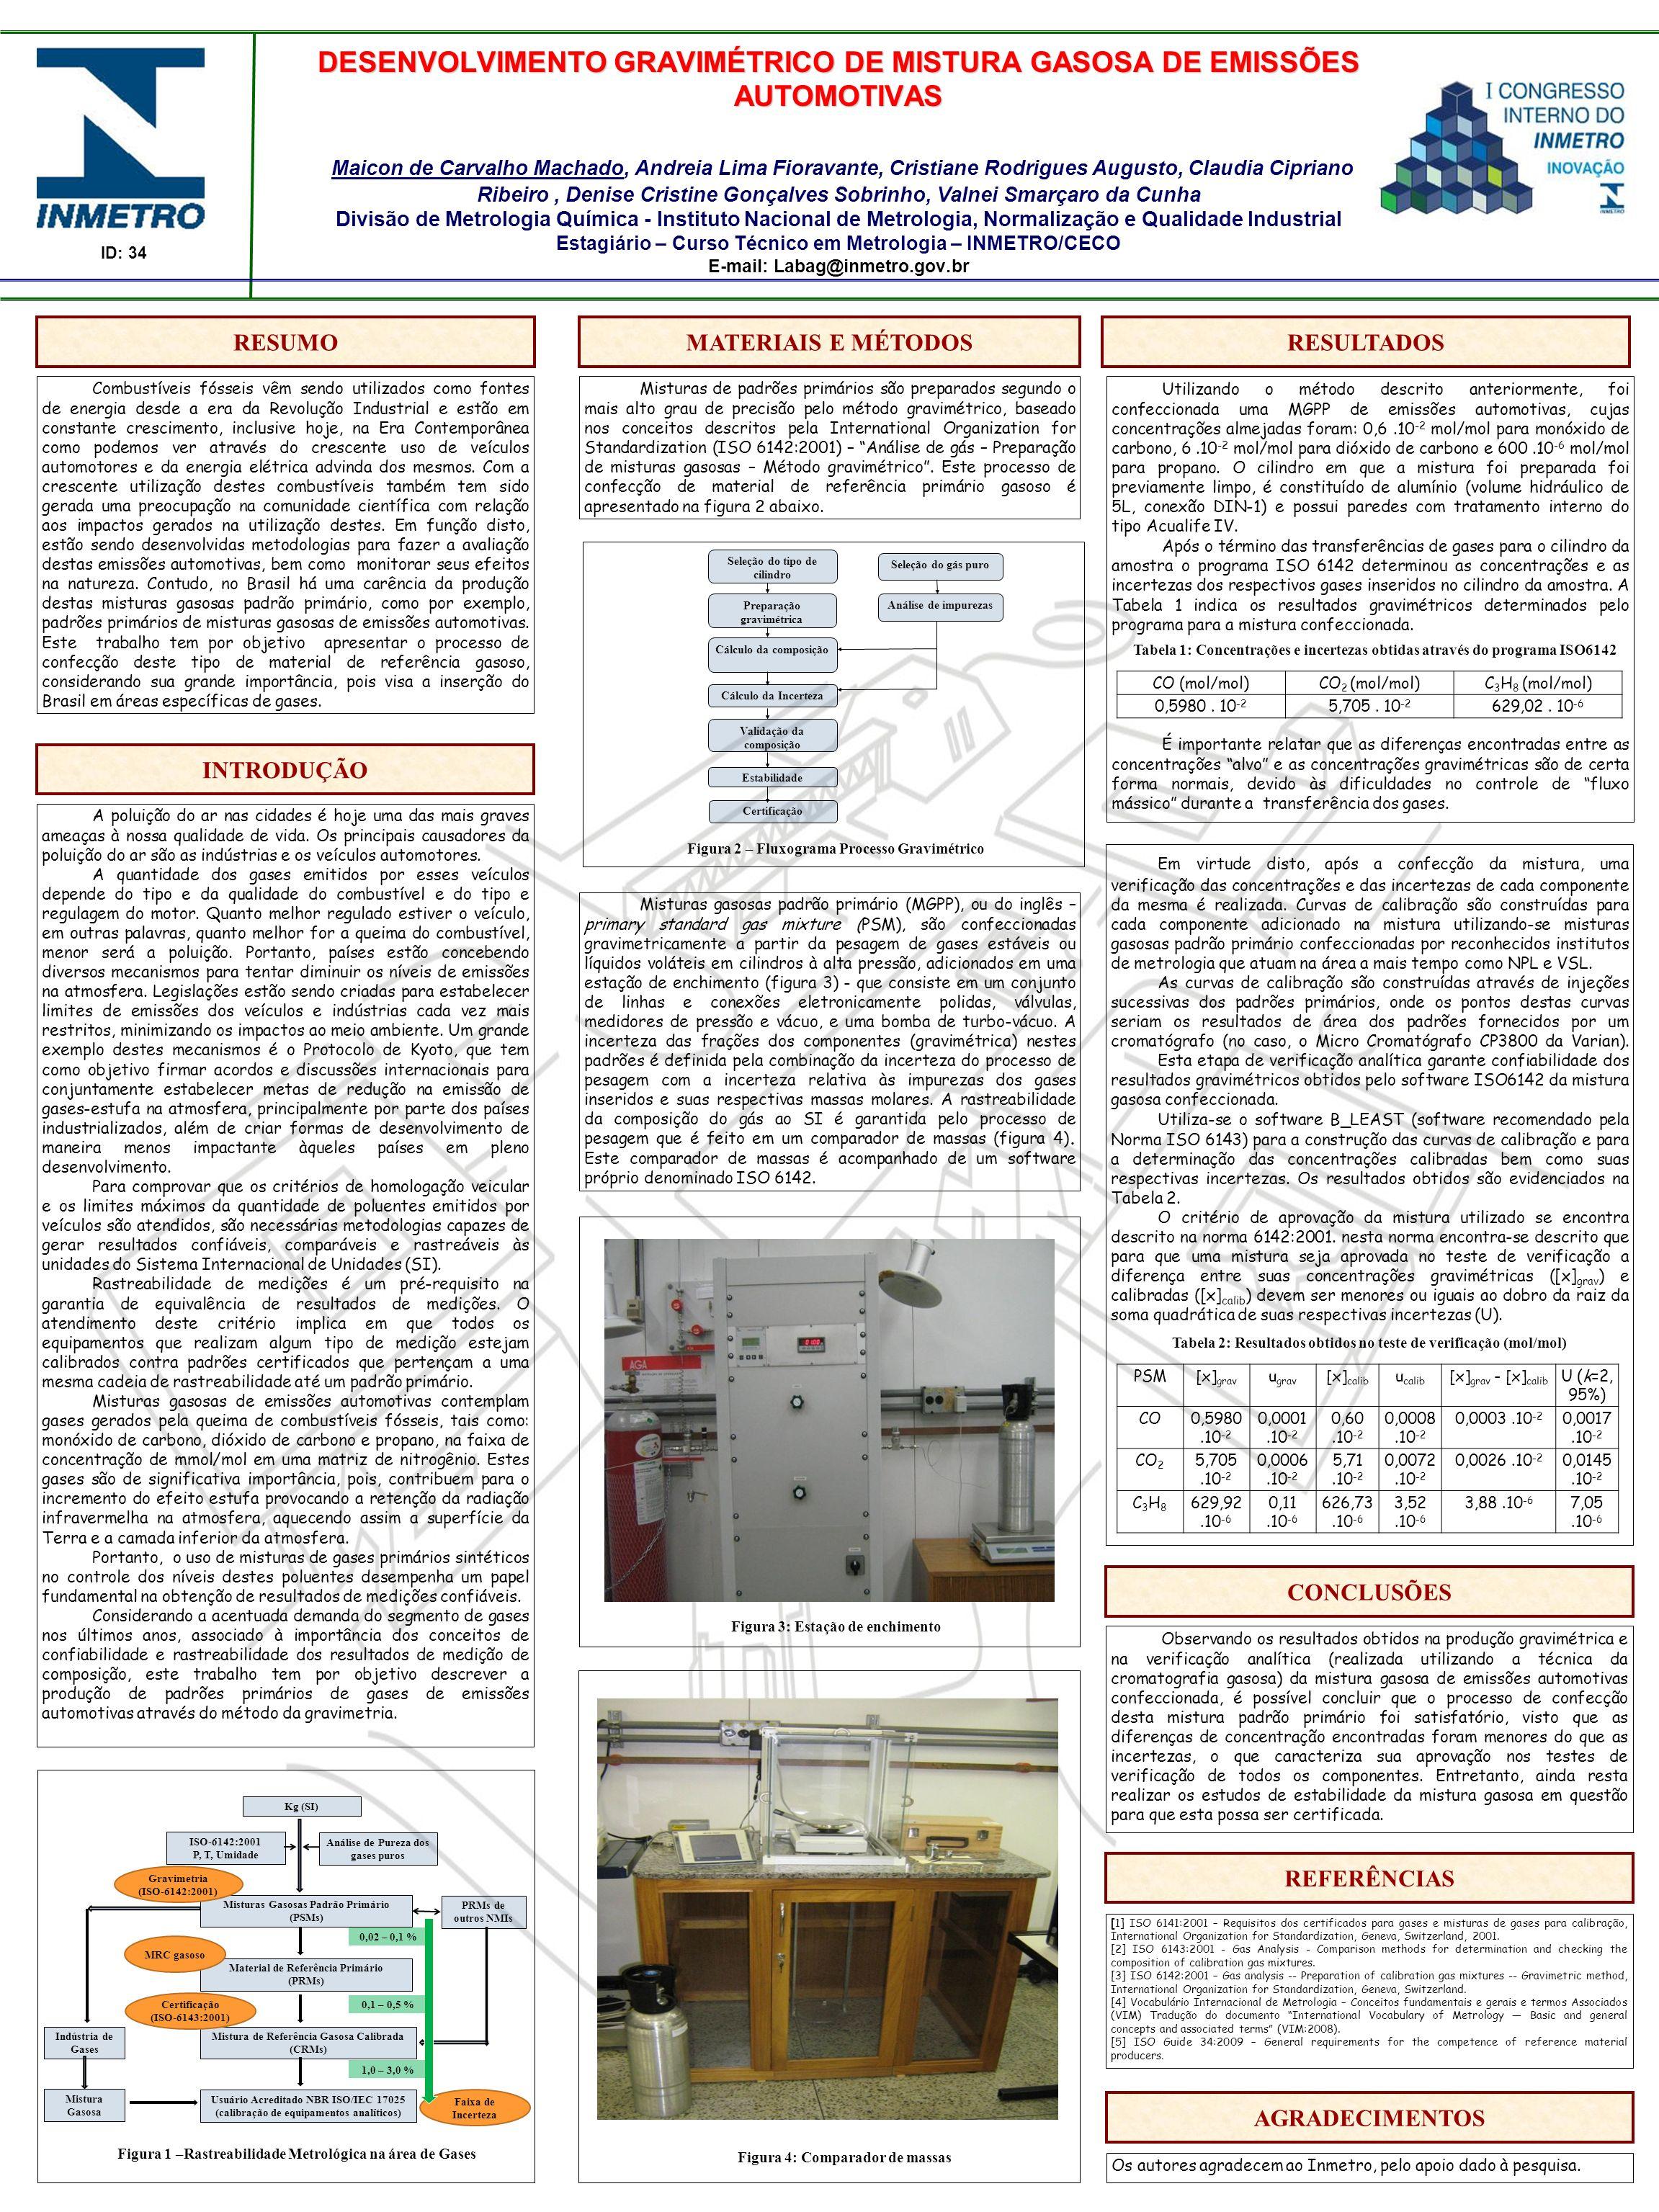 Marca do evento Validação da composição Estabilidade Seleção do tipo de cilindro Seleção do gás puro Preparação gravimétrica Cálculo da composição Cál